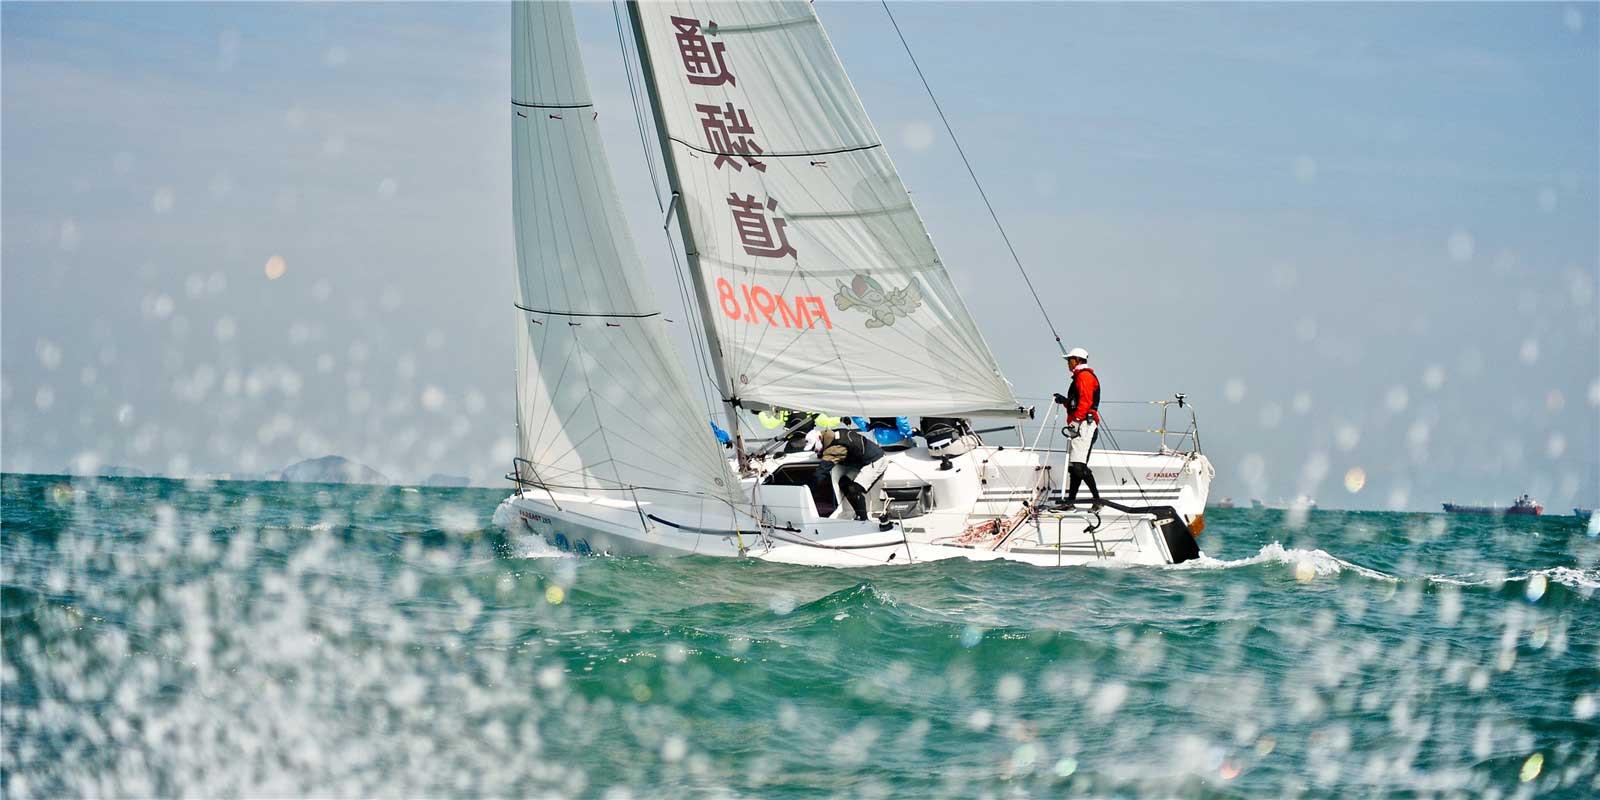 「第20屆海灣船賽」的圖片搜尋結果